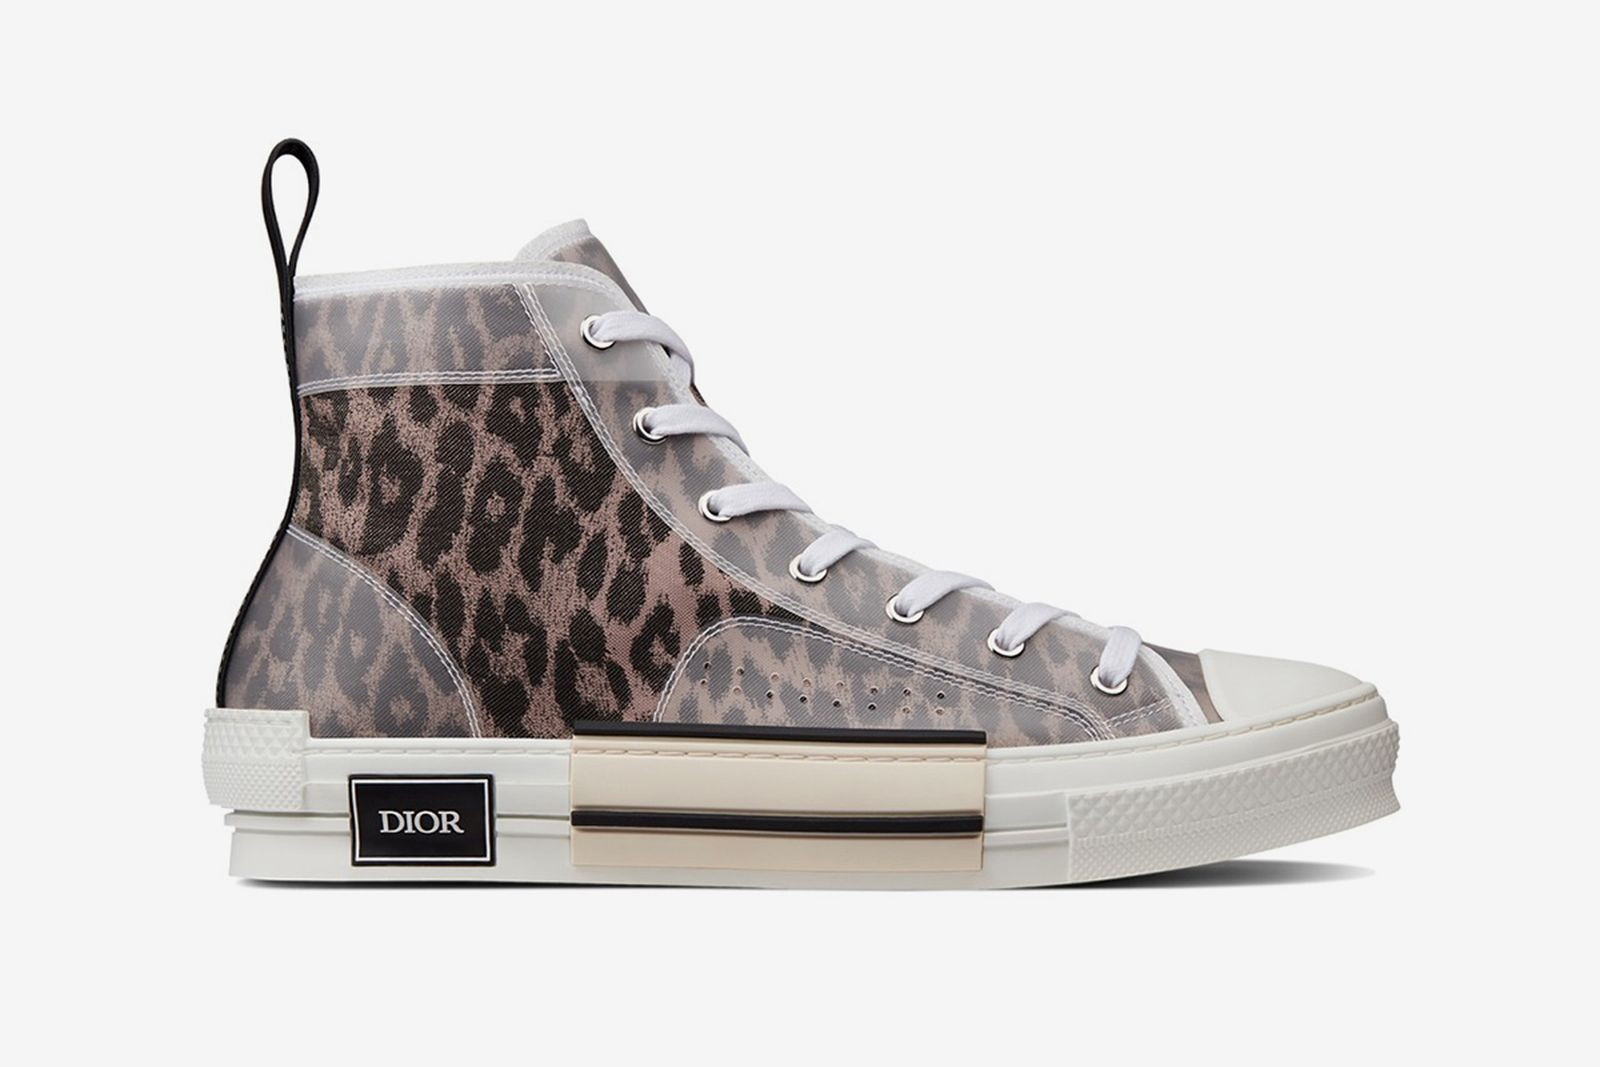 dior b23 leopard print release date price